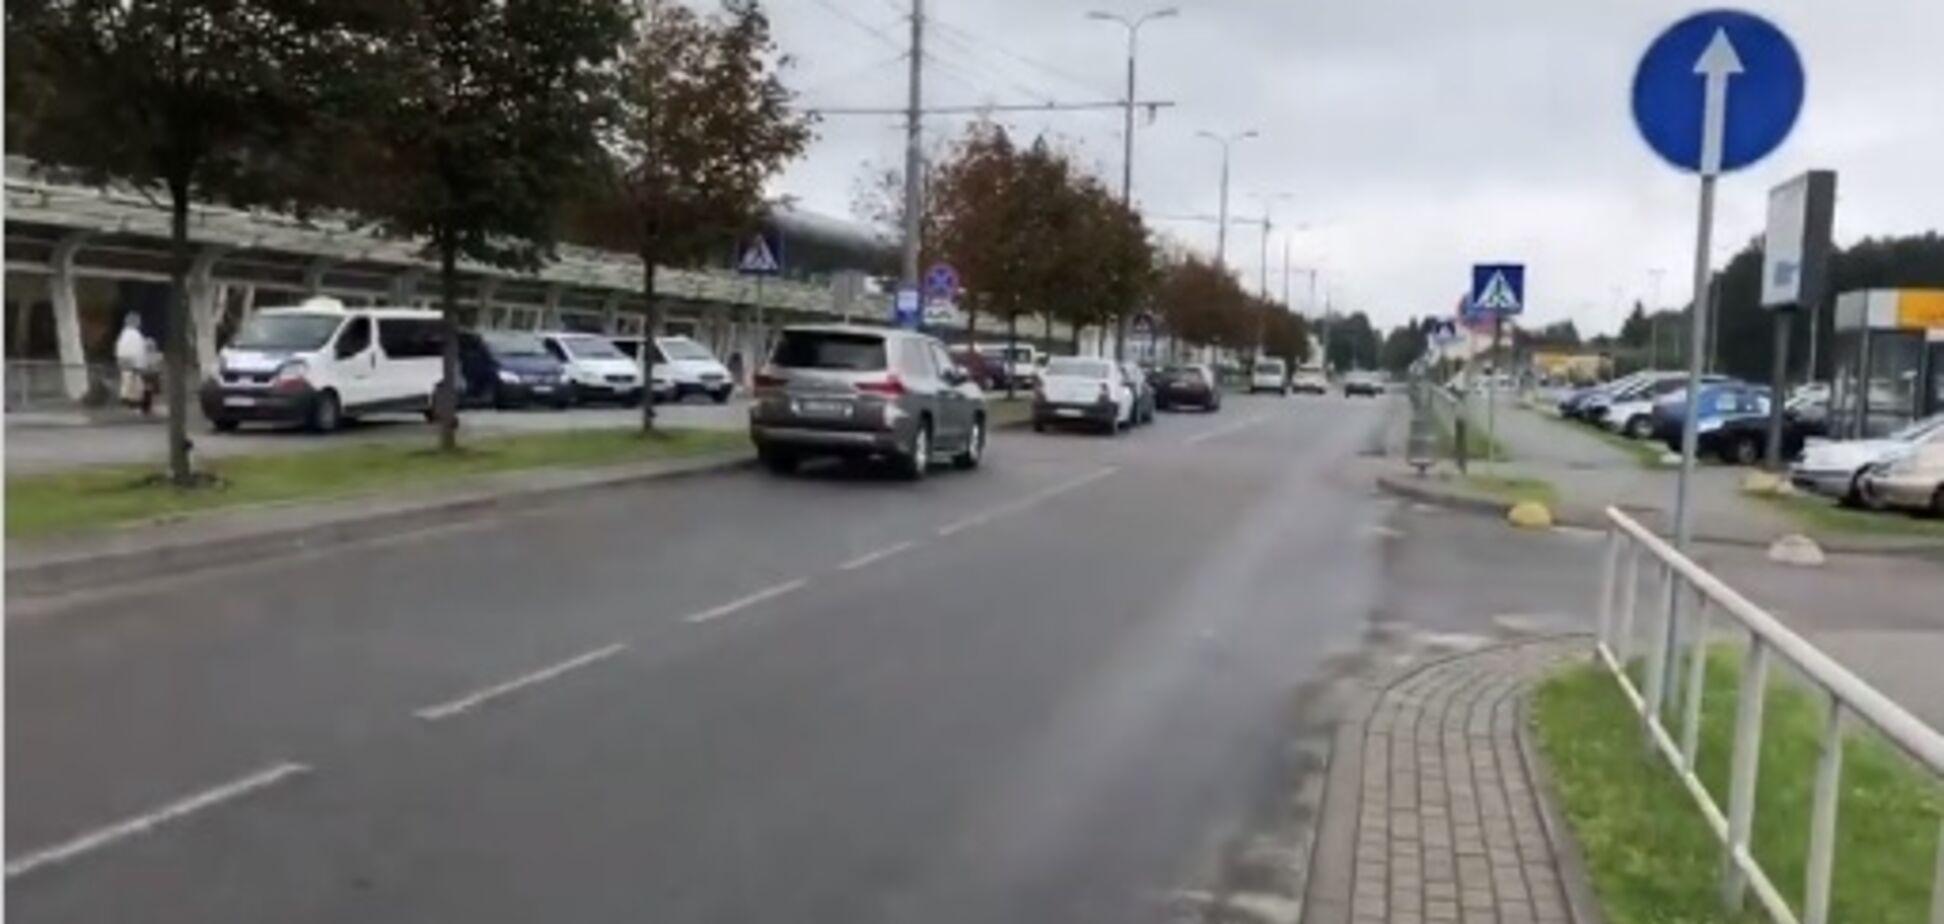 'Платити - справа лоха': відео з 'героями парковки' у Львові розлютило українців